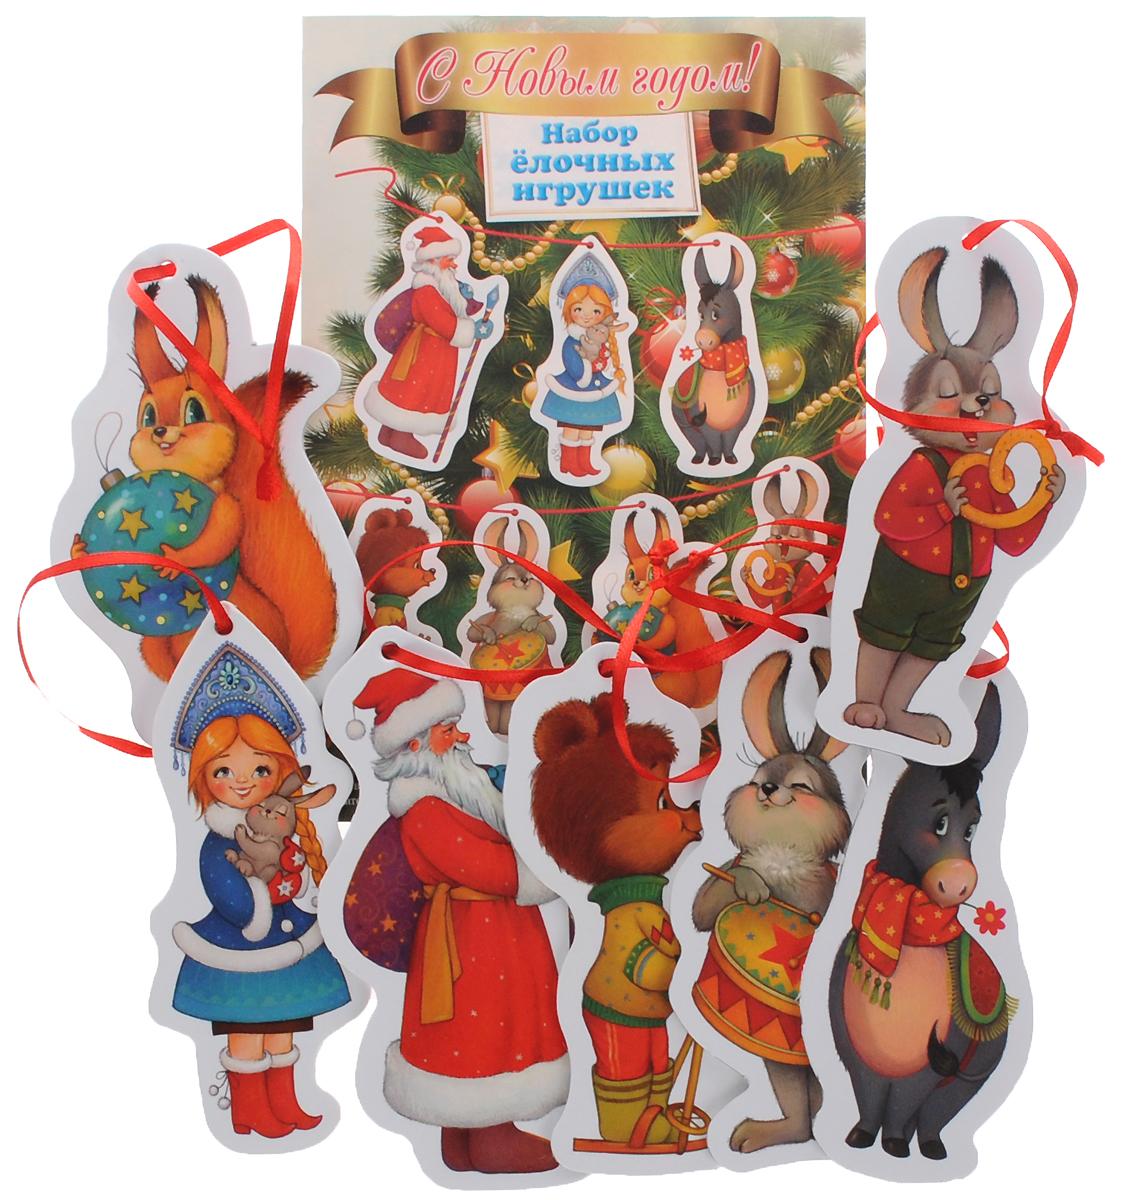 Набор новогодних игрушек-подвесок Darinchi, 7 штTOYNY ALLНовогодние игрушки-подвески из набора Darinchi выполнены из плотного картона и не имеют острых углов. Каждая дополнена текстильной ленточкой, благодаря чему их можно повесить на елку или в любое другое место. В наборе игрушки с изображениями зайца, медвежонка, Деда Мороза, Снегурочки, белки, ослика и обезьяны. Такие игрушки станут прекрасными украшениями интерьера вашего дома в новогодние праздники.